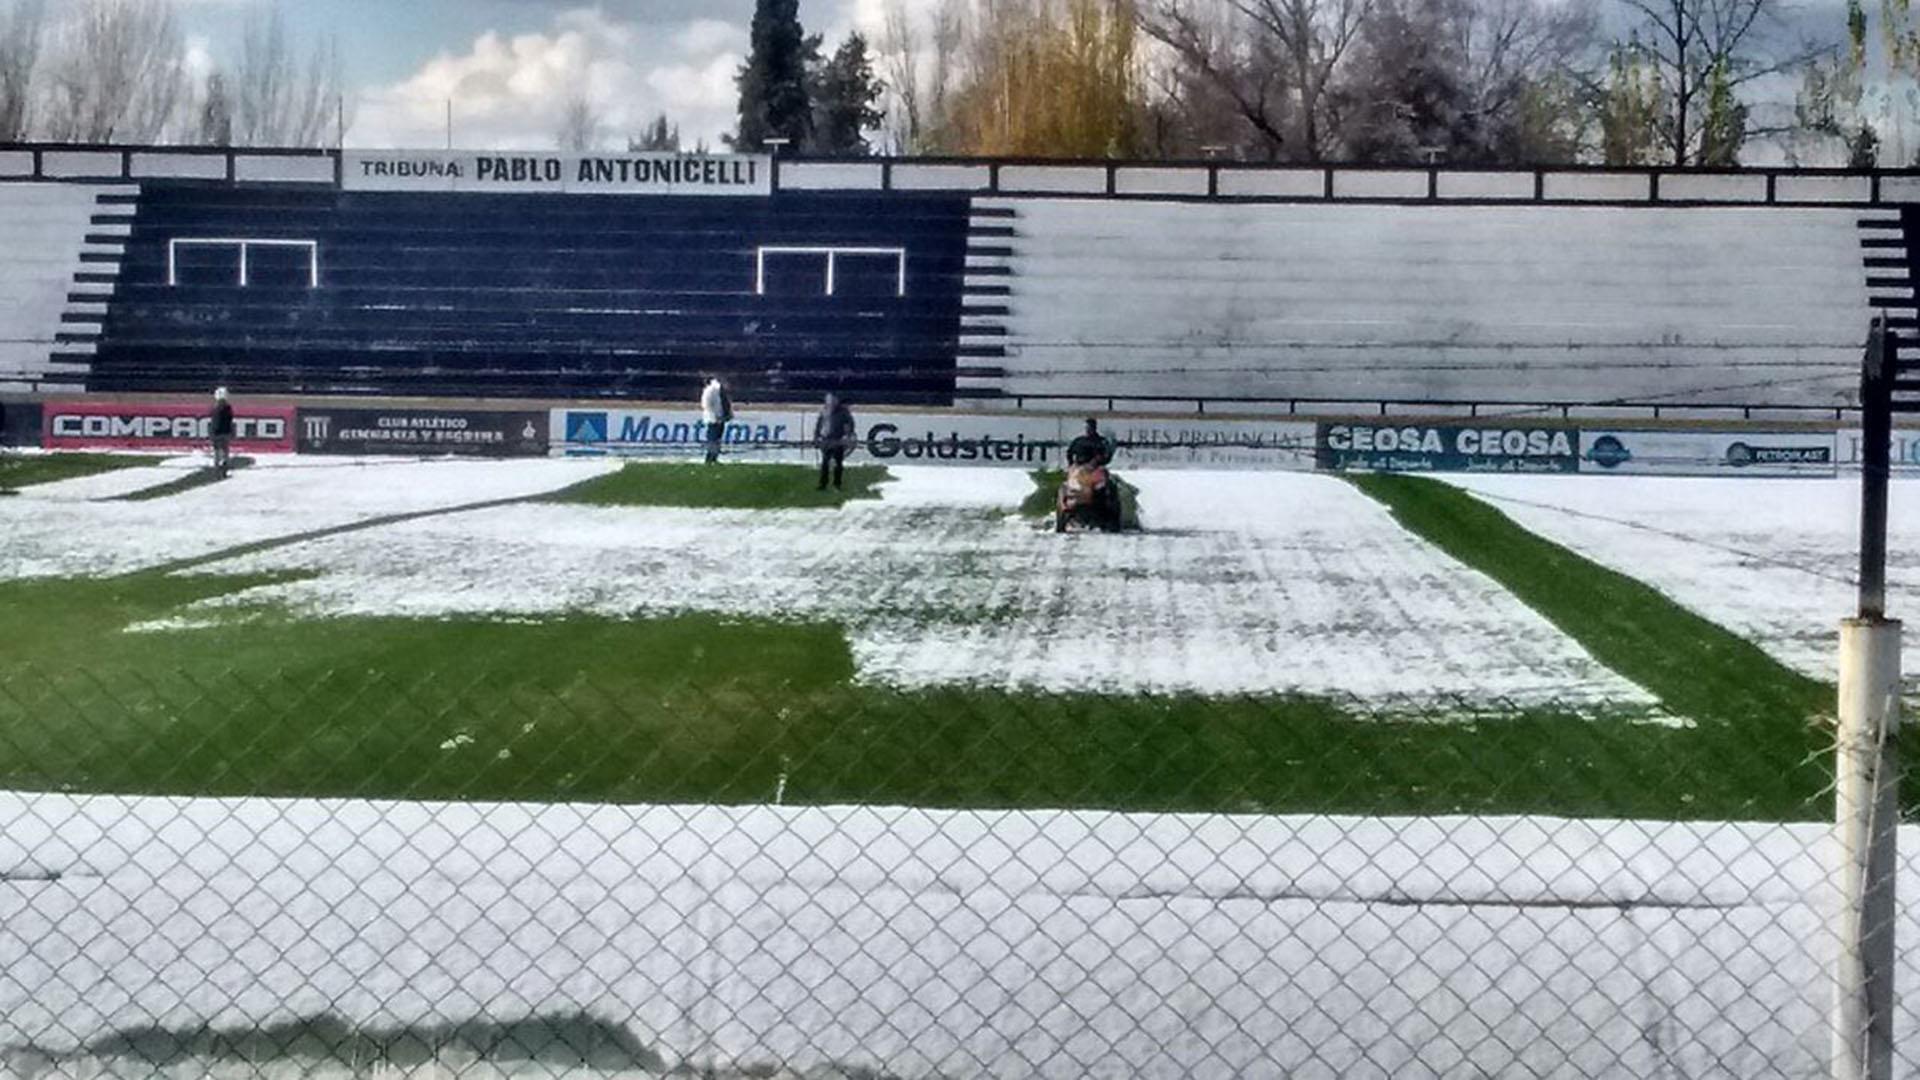 Club Atlético Gimnasia y Esgrima – Mendoza